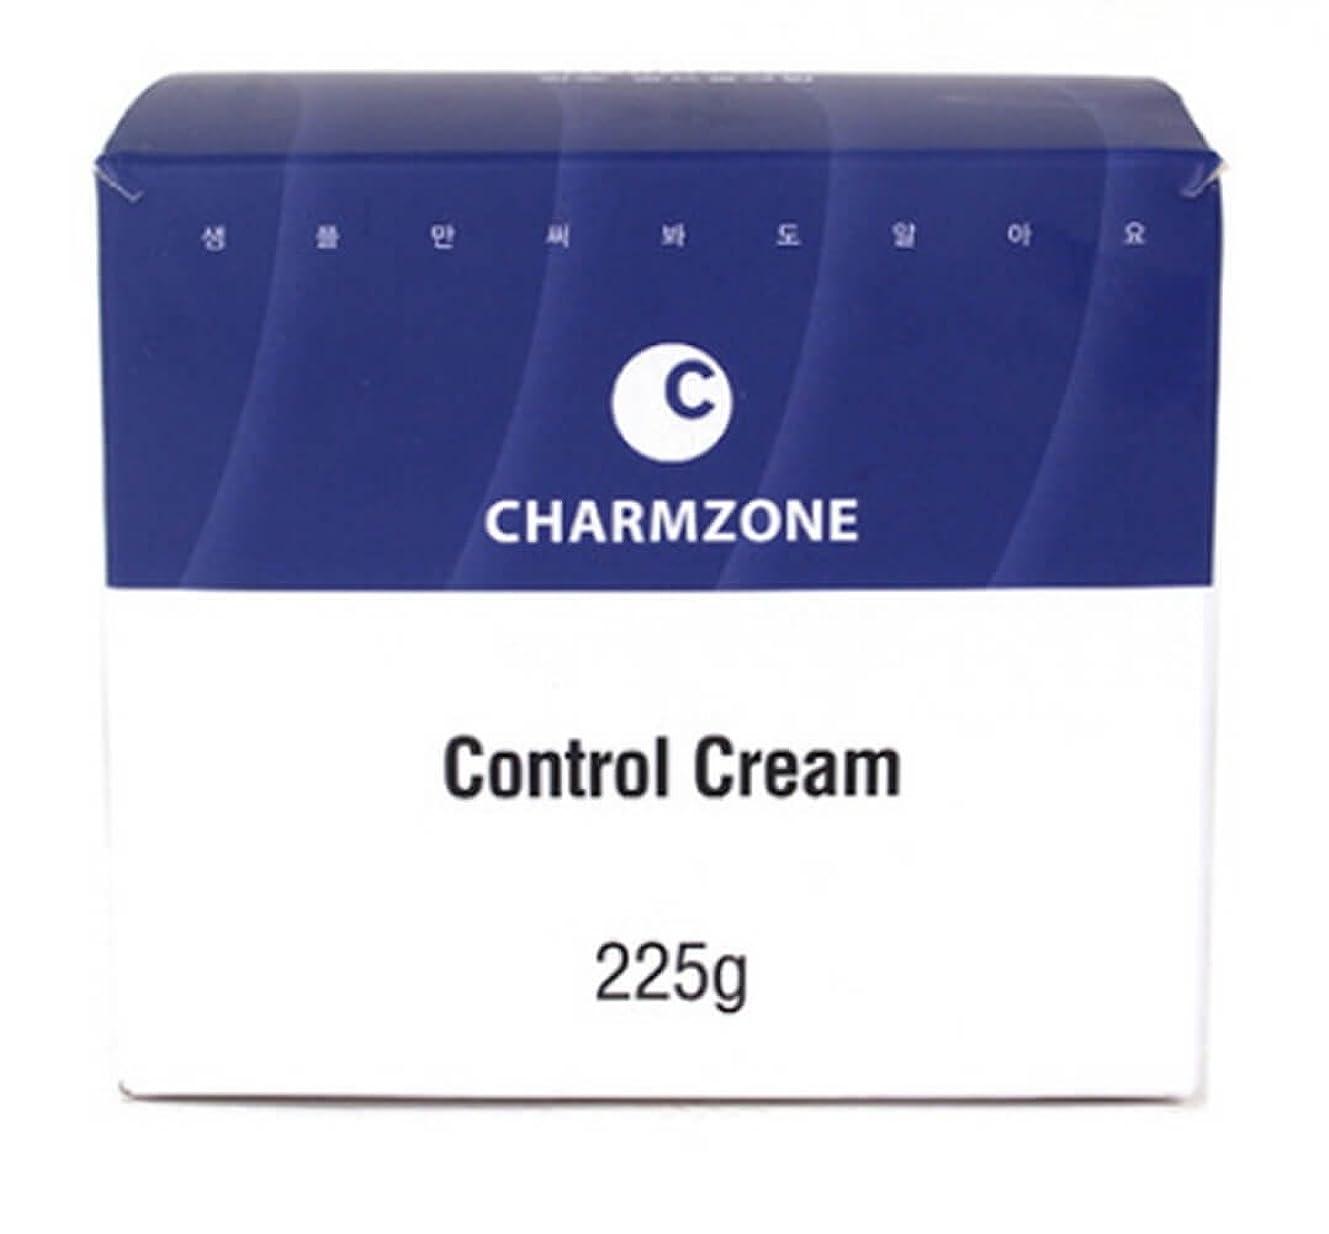 強化マットレス可動式[チャムジョン] CharmZone コントロールクリーム マッサージ 栄養クリーム225g 海外直送品 (Control Cream Massage Nutrition Cream 225g)